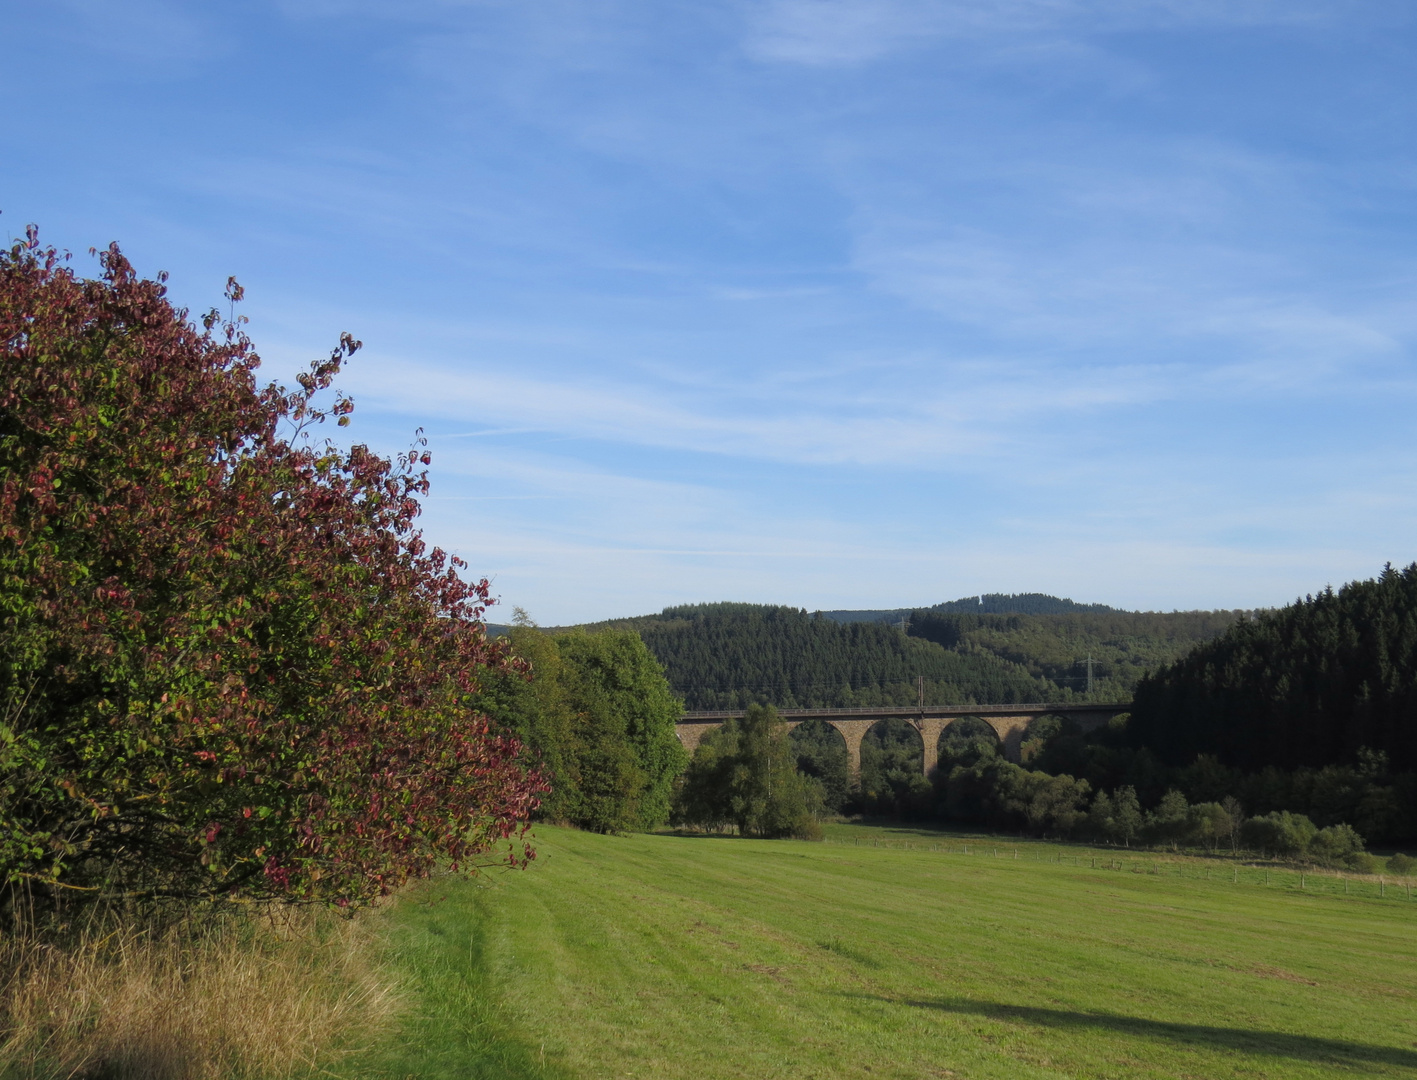 Rudersdorfer-Viadukt